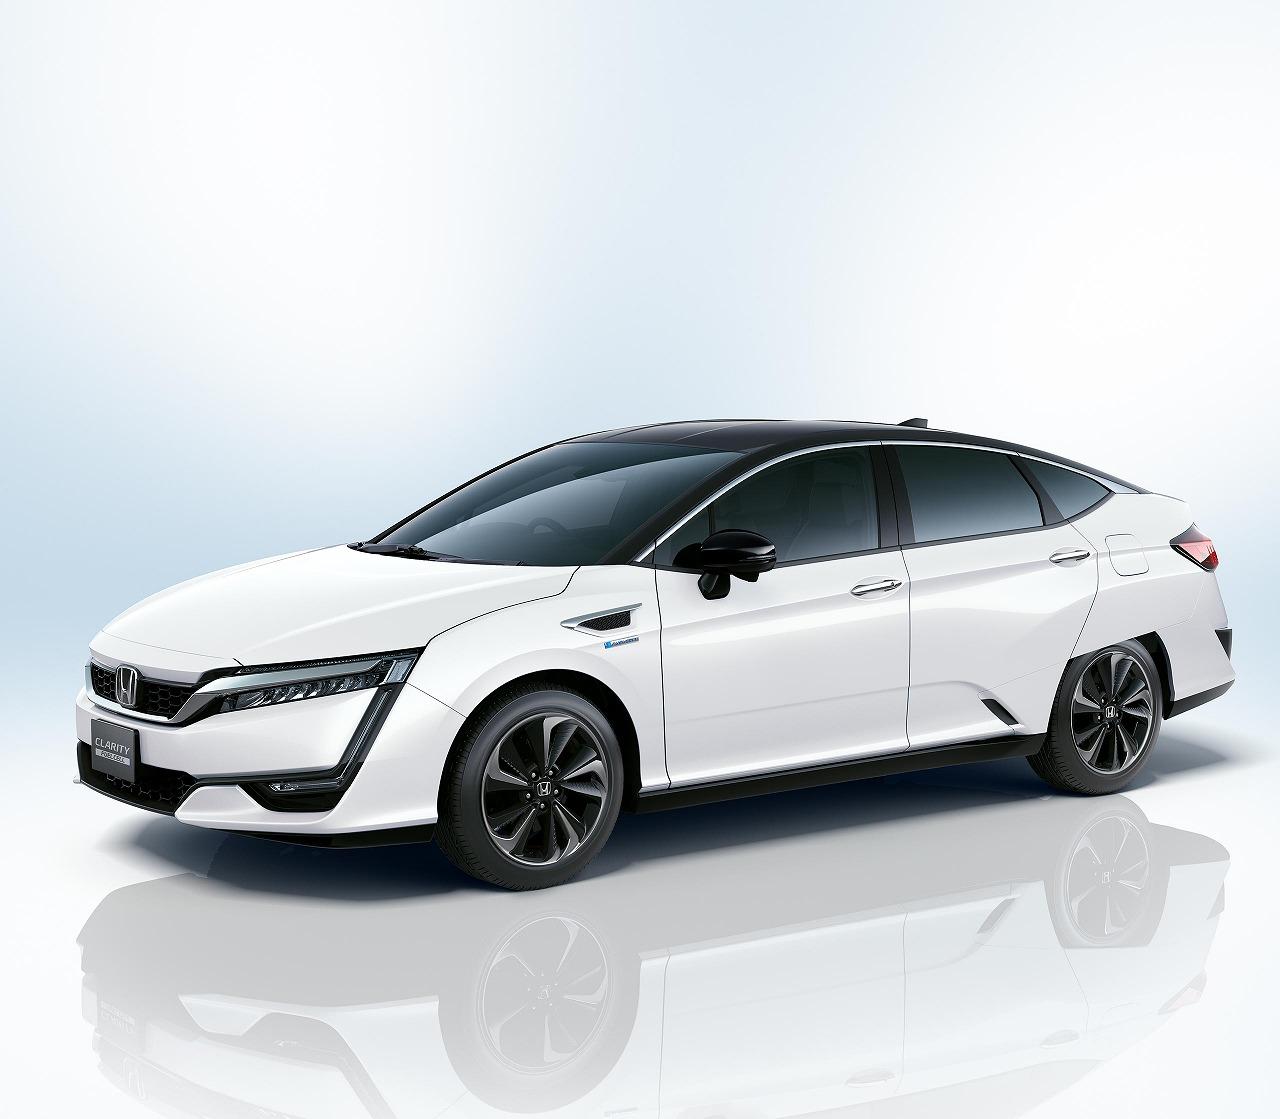 「今さら聞けない「電動車」とは? 「電気自動車」「PHEV」「HEV」「燃料電池車」も含む車両の特徴とコスト比較で紹介」の12枚目の画像